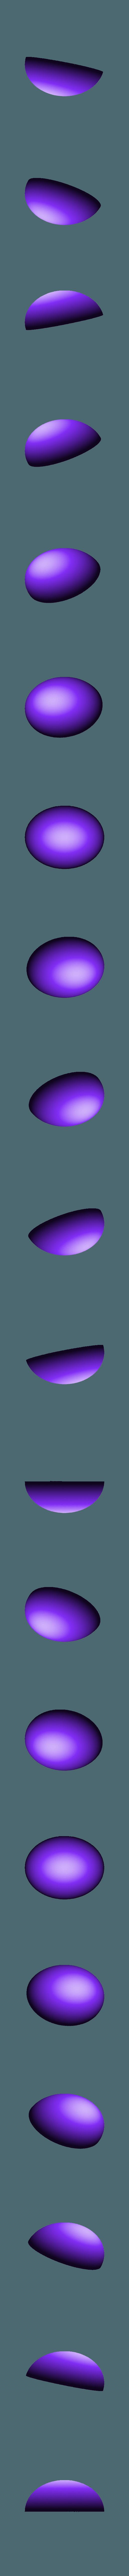 eye_right_black.stl Télécharger fichier STL gratuit Koala (de la série animée Pucca) MMU • Objet à imprimer en 3D, Jangie